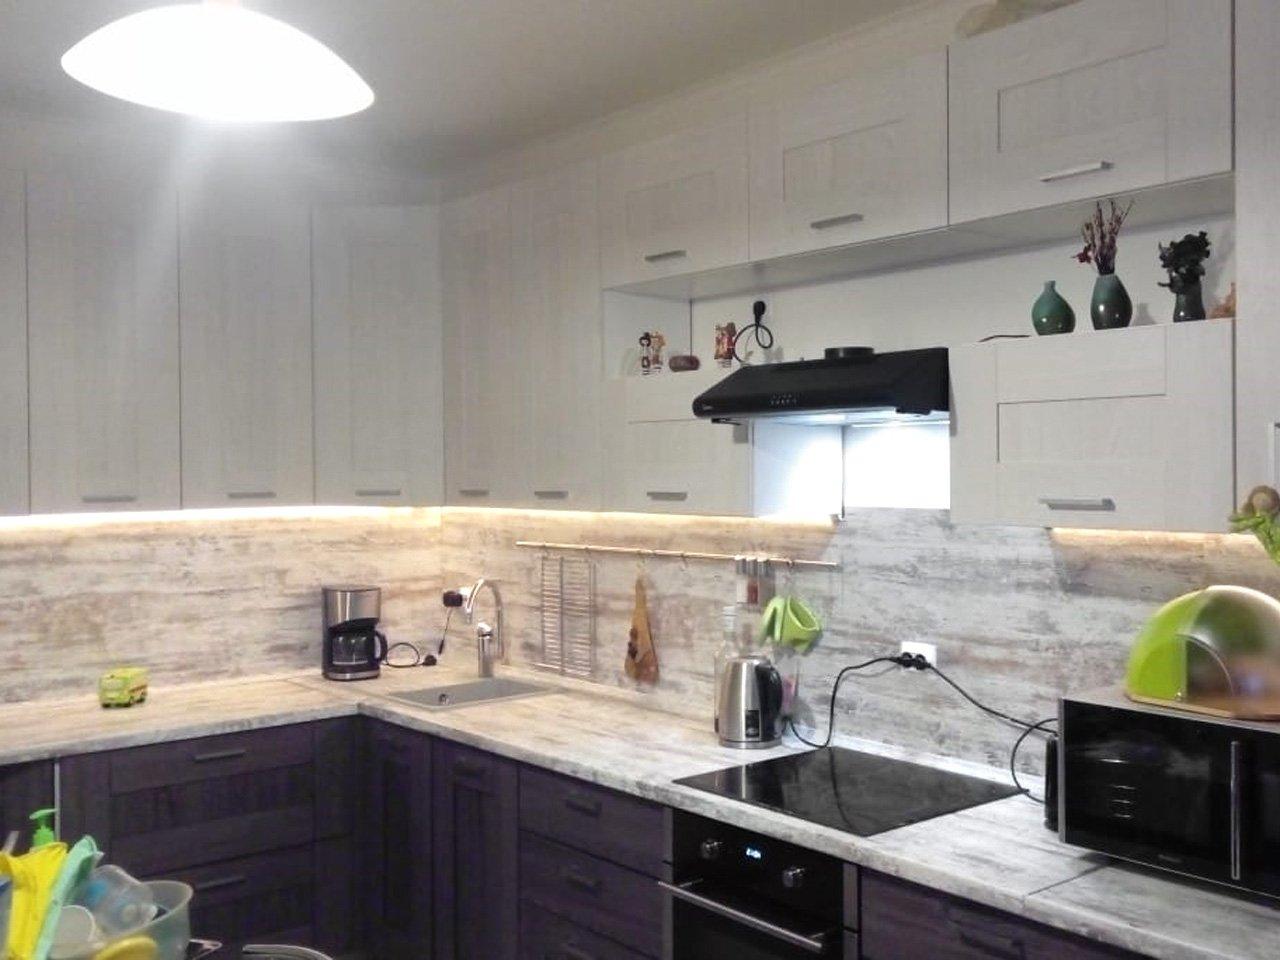 Подсветка угловой кухни с разрывом с сенсорным выключателем отзыв iqlux Алексей 16_01_20 фото